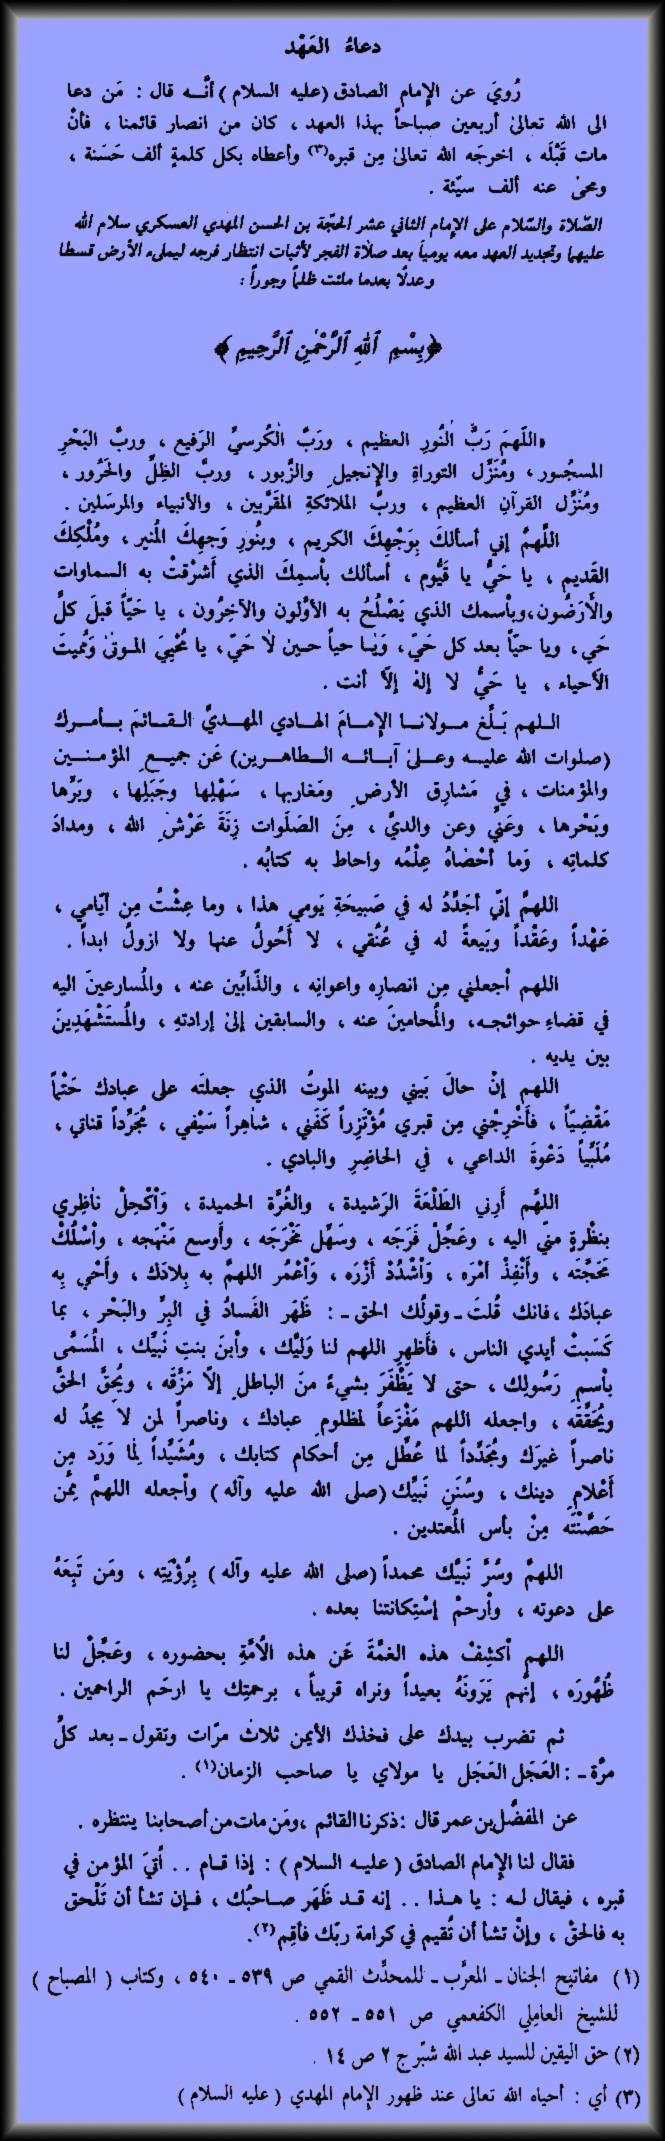 Imam Al-Mehdi